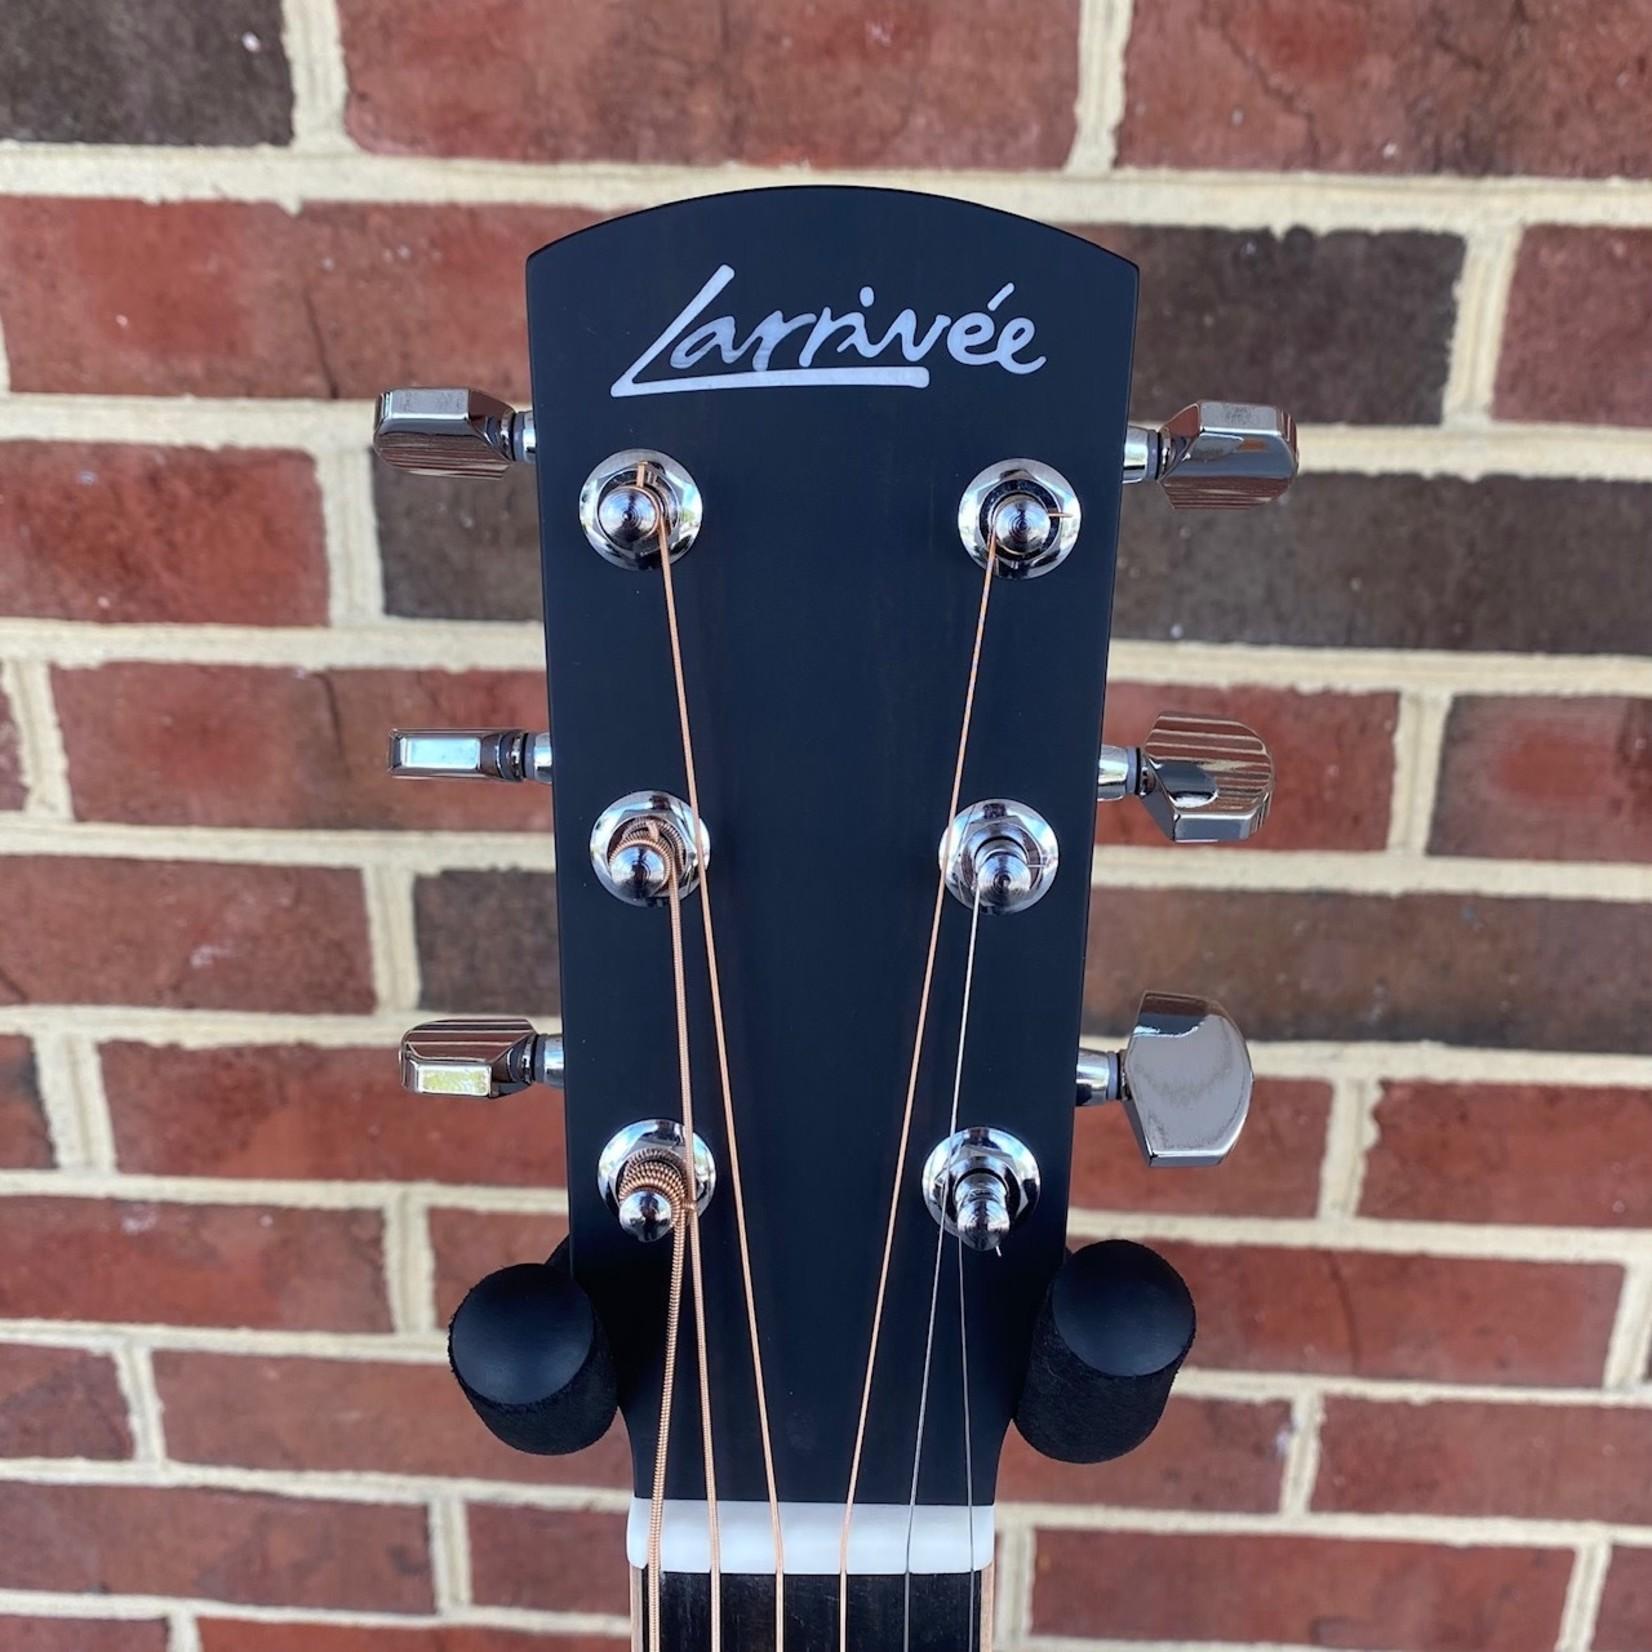 Larrivee Larrivee L-03-MH, Sitka Spruce Top, Mahogany Back and Sides, Ebony Fretboard and Bridge, Maple Binding, Hardshell Case, SN# 136734